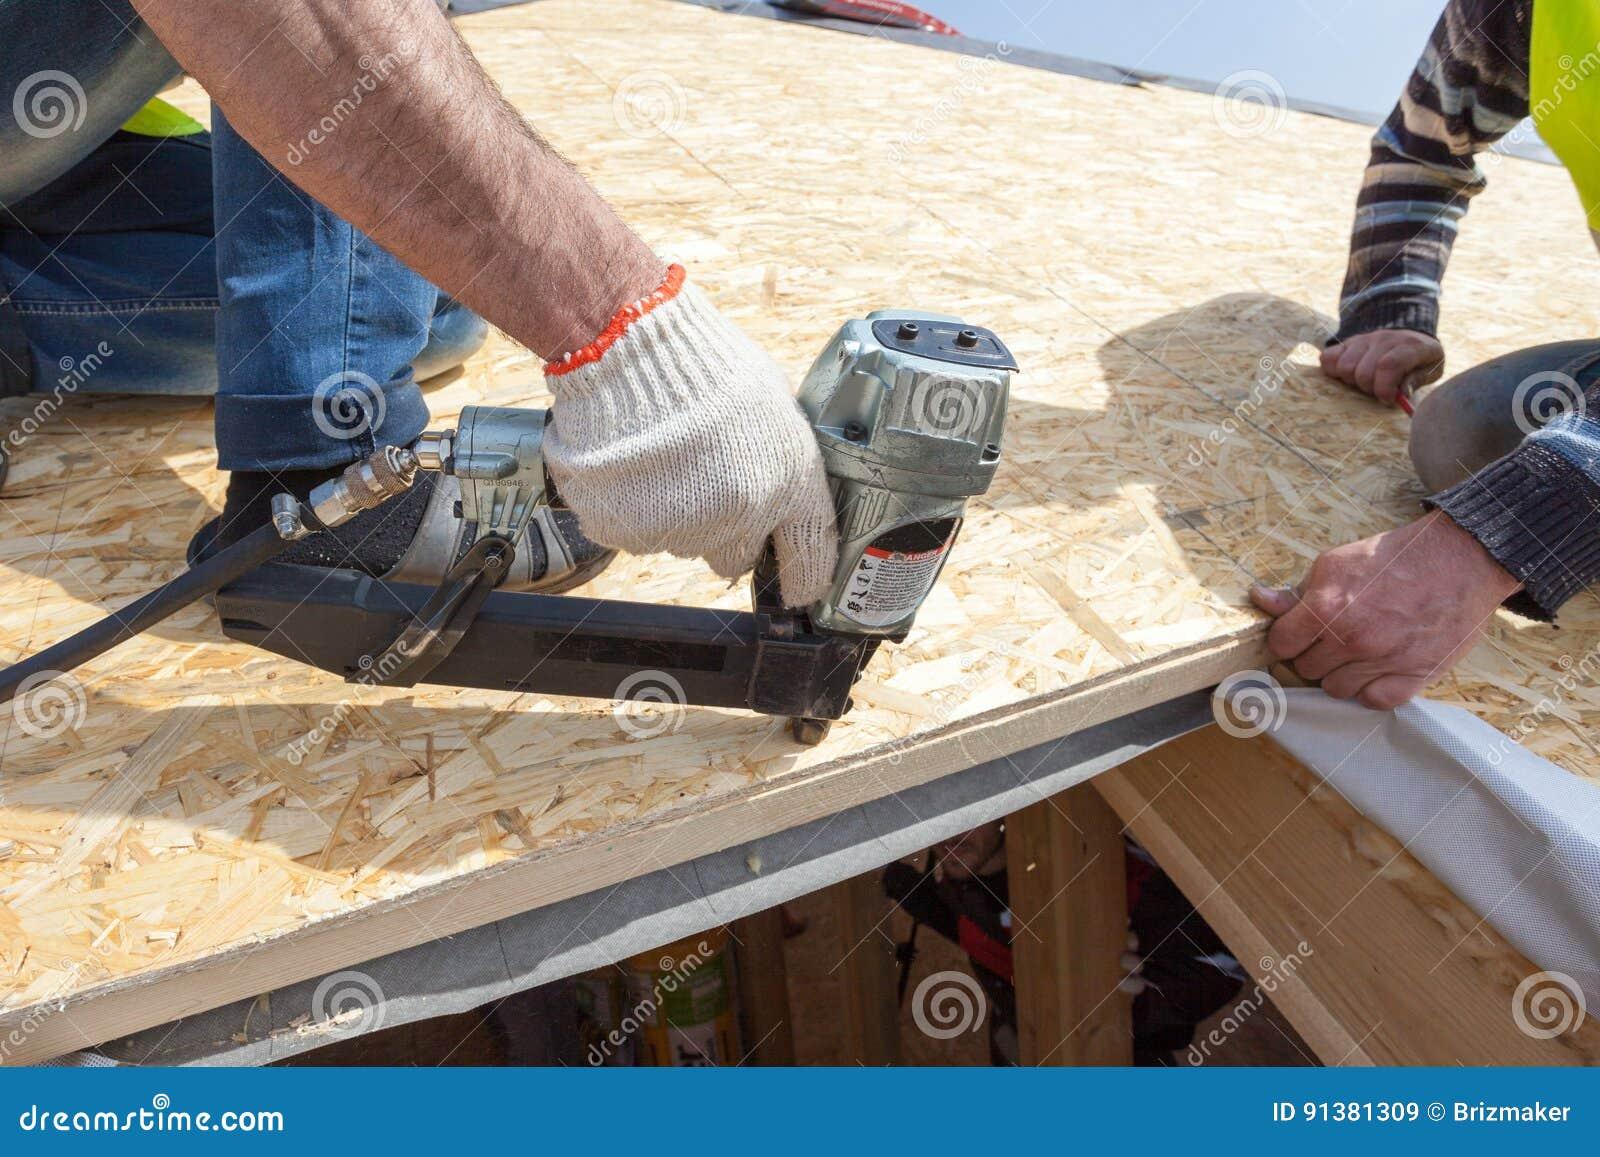 Bevorzugt Bauarbeiter, Der Nagelgewehr Verwendet, Um OSB-Platte Osb Zu KX46